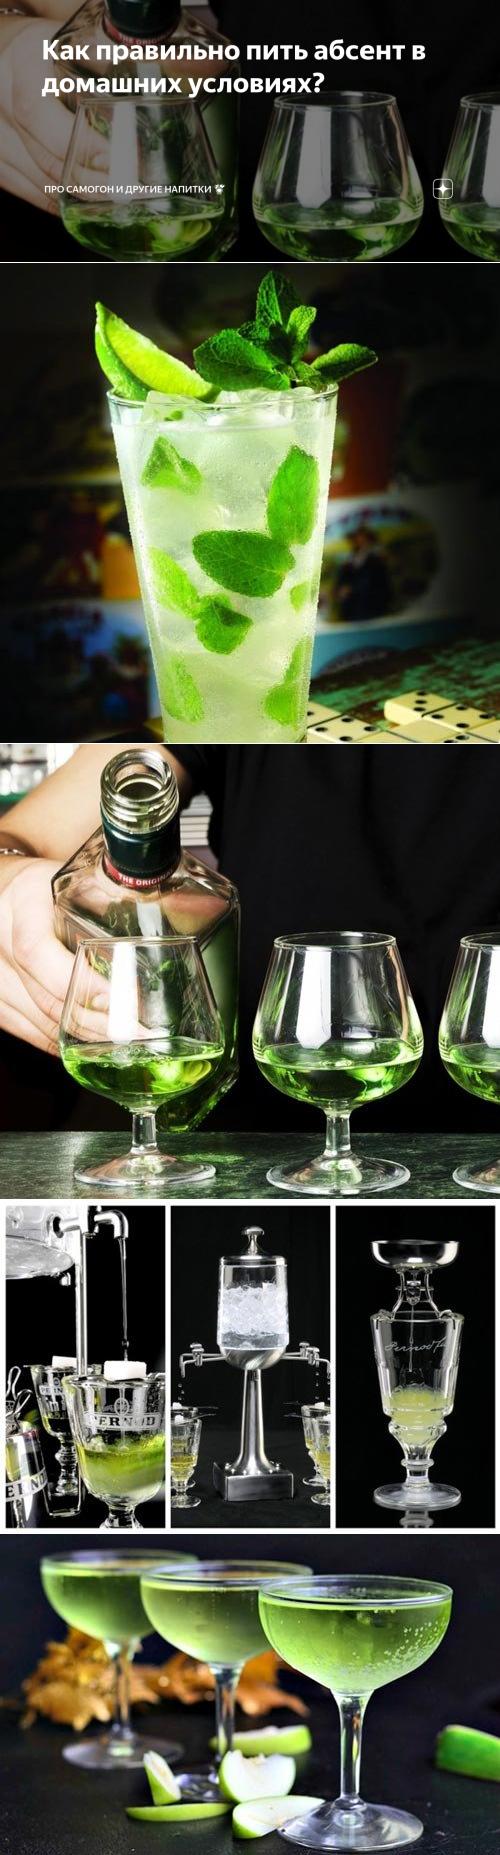 Абсент из самогона в домашних условиях: рецепт приготовления своими руками, как сделать алкоголь на основе полыни